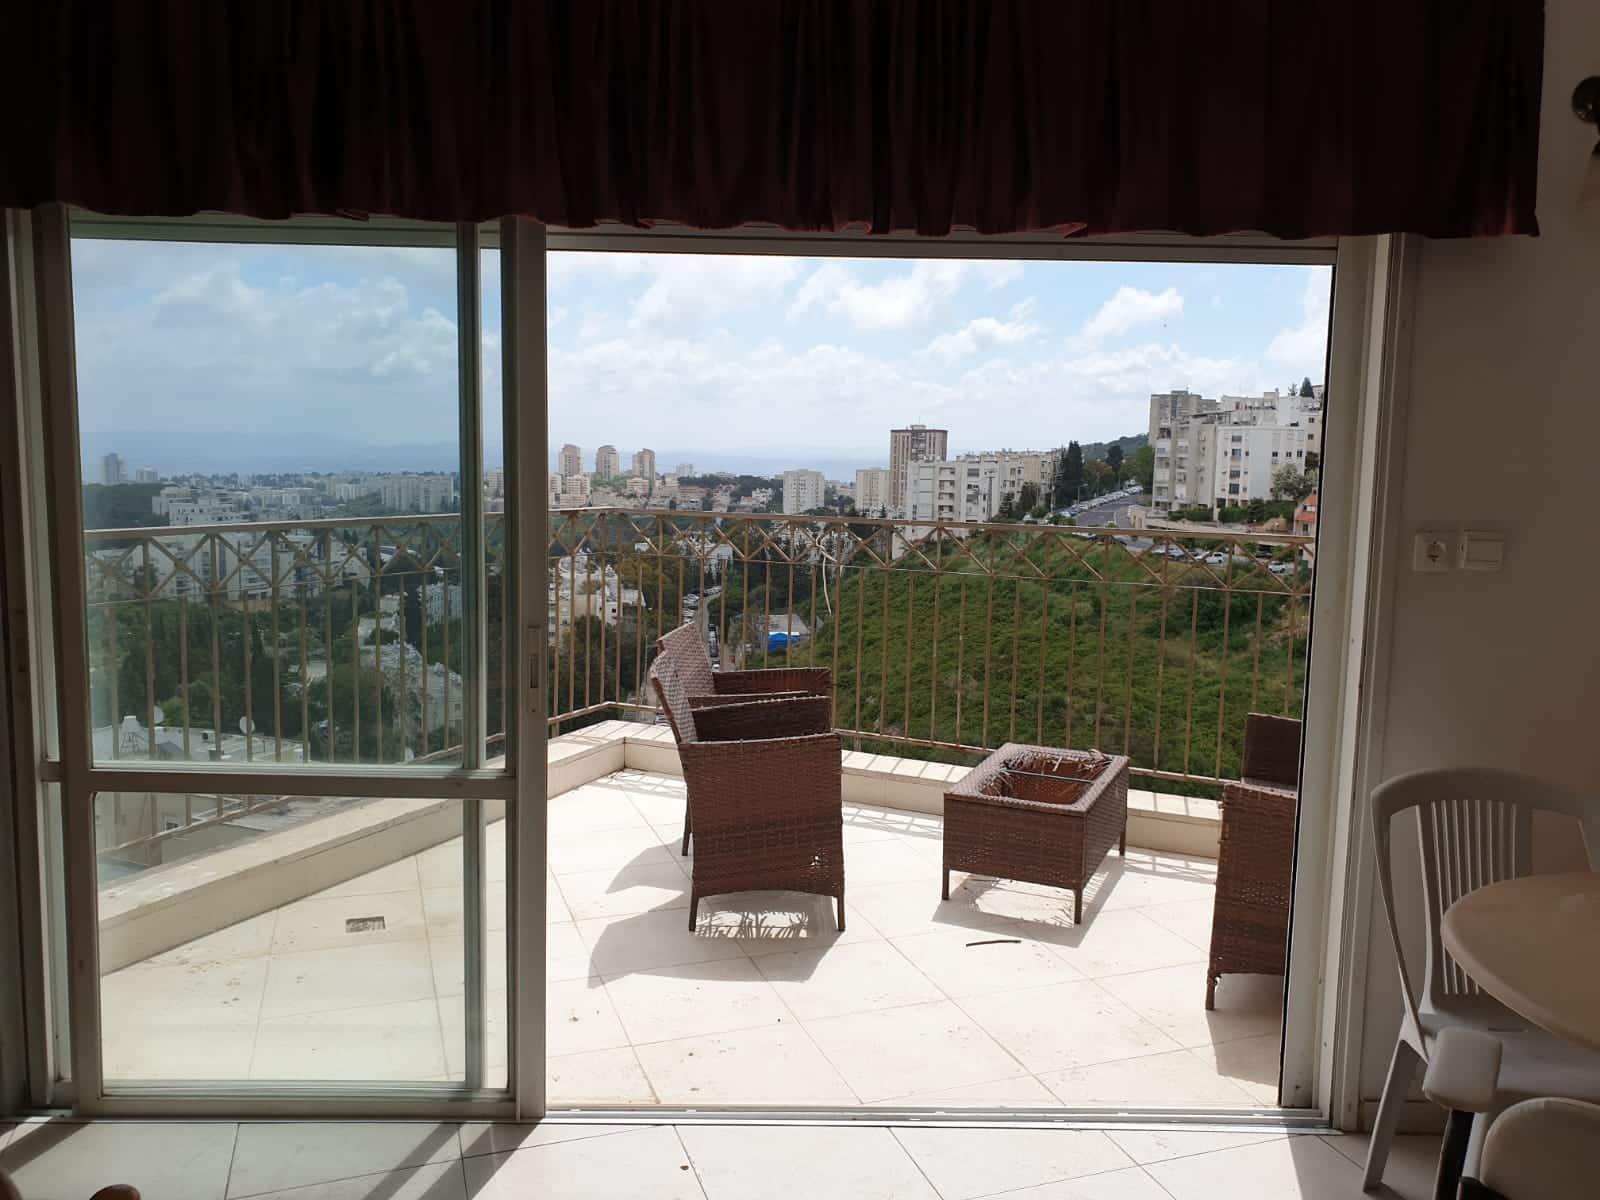 דירה להשכרה בחיפה